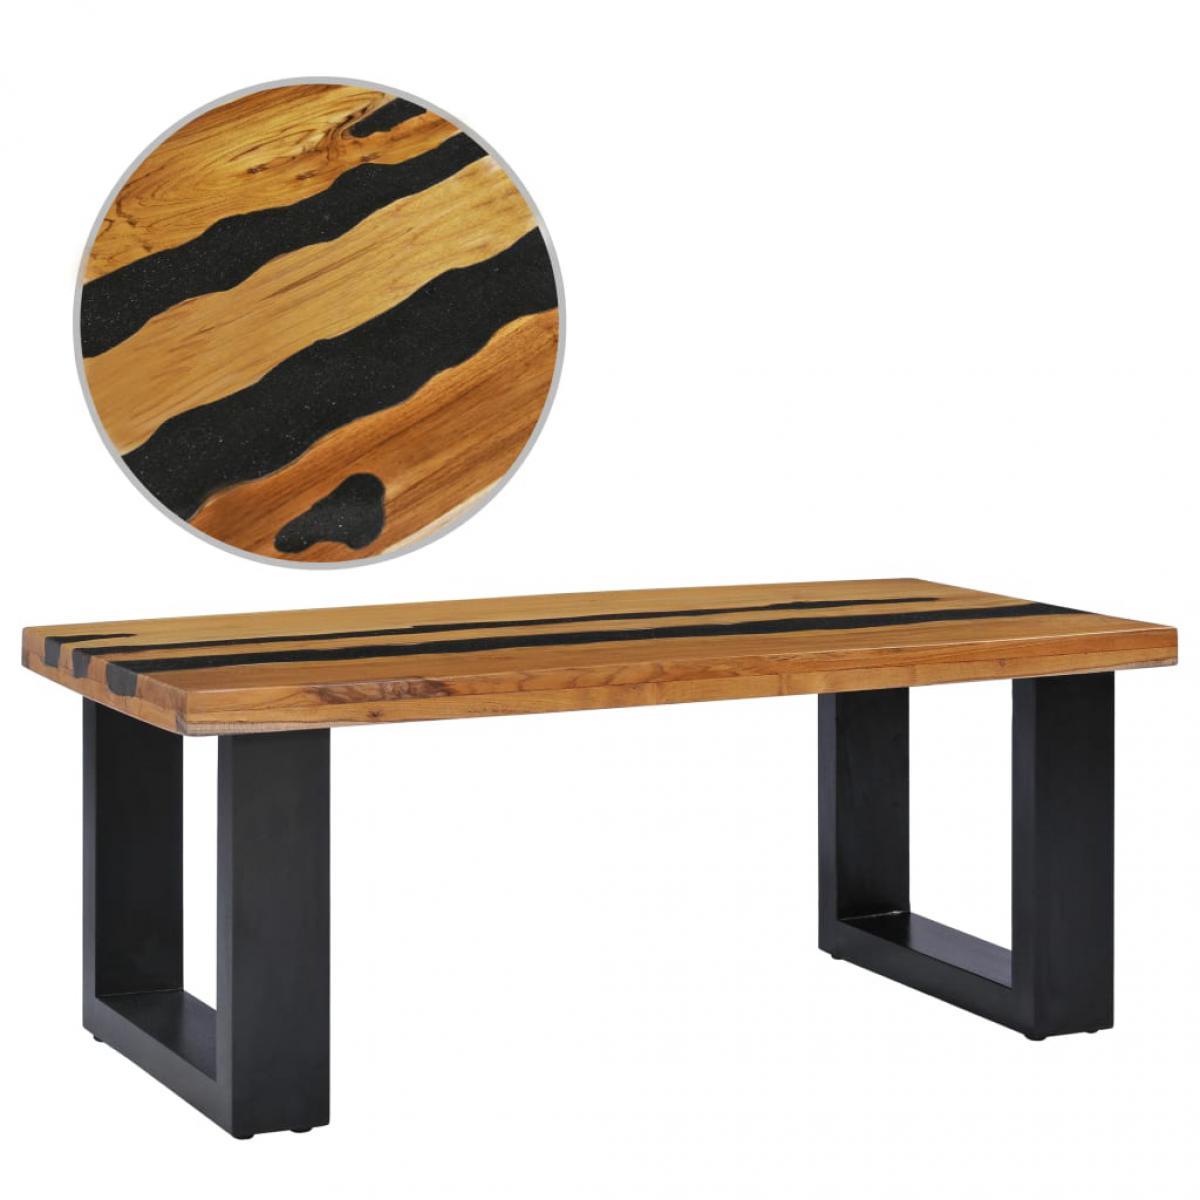 Vidaxl vidaXL Table basse 100x50x40 cm Bois de teck massif et pierre de lave